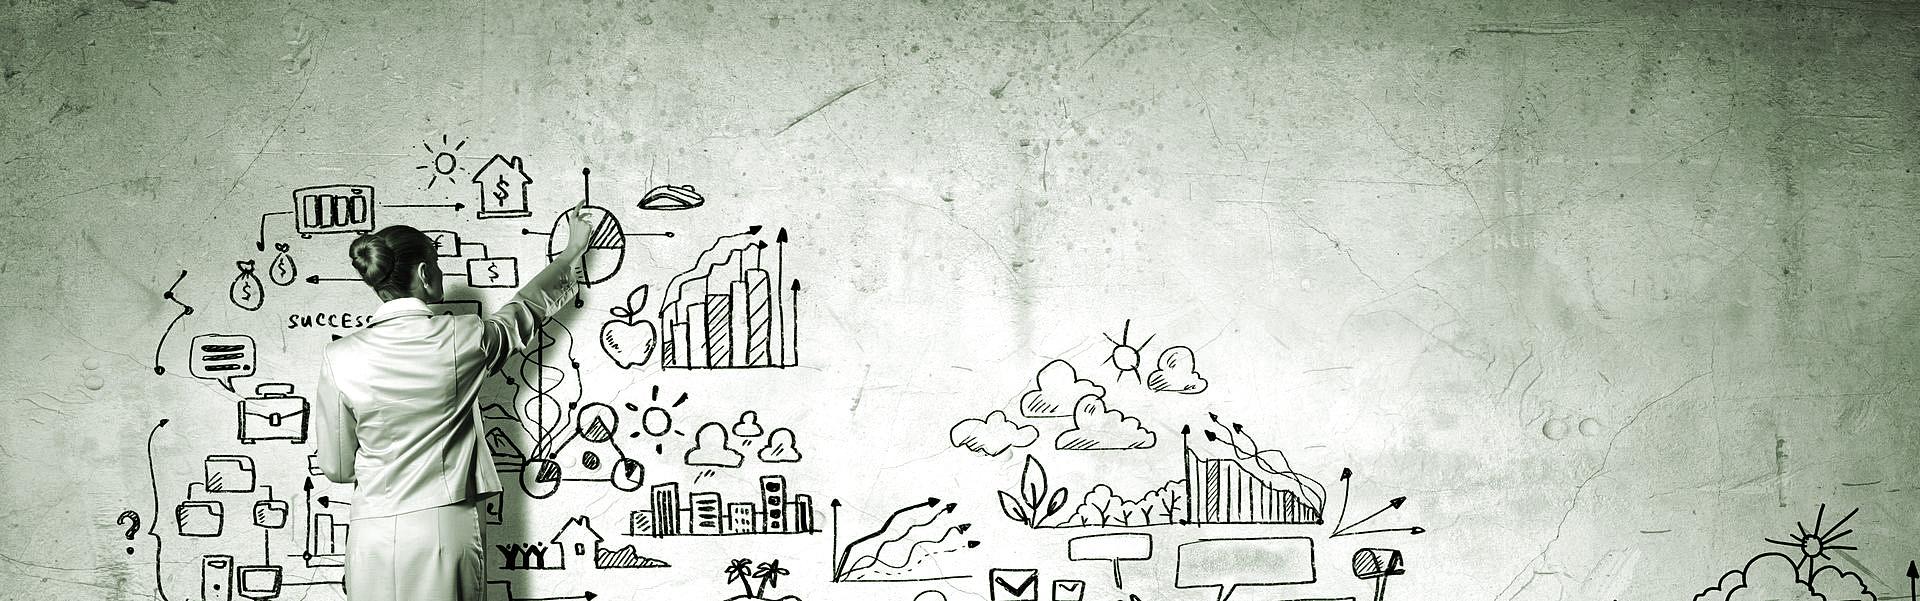 Grafika przedstawiająca kobietę szkicującą wykresy na szarej ścianie.